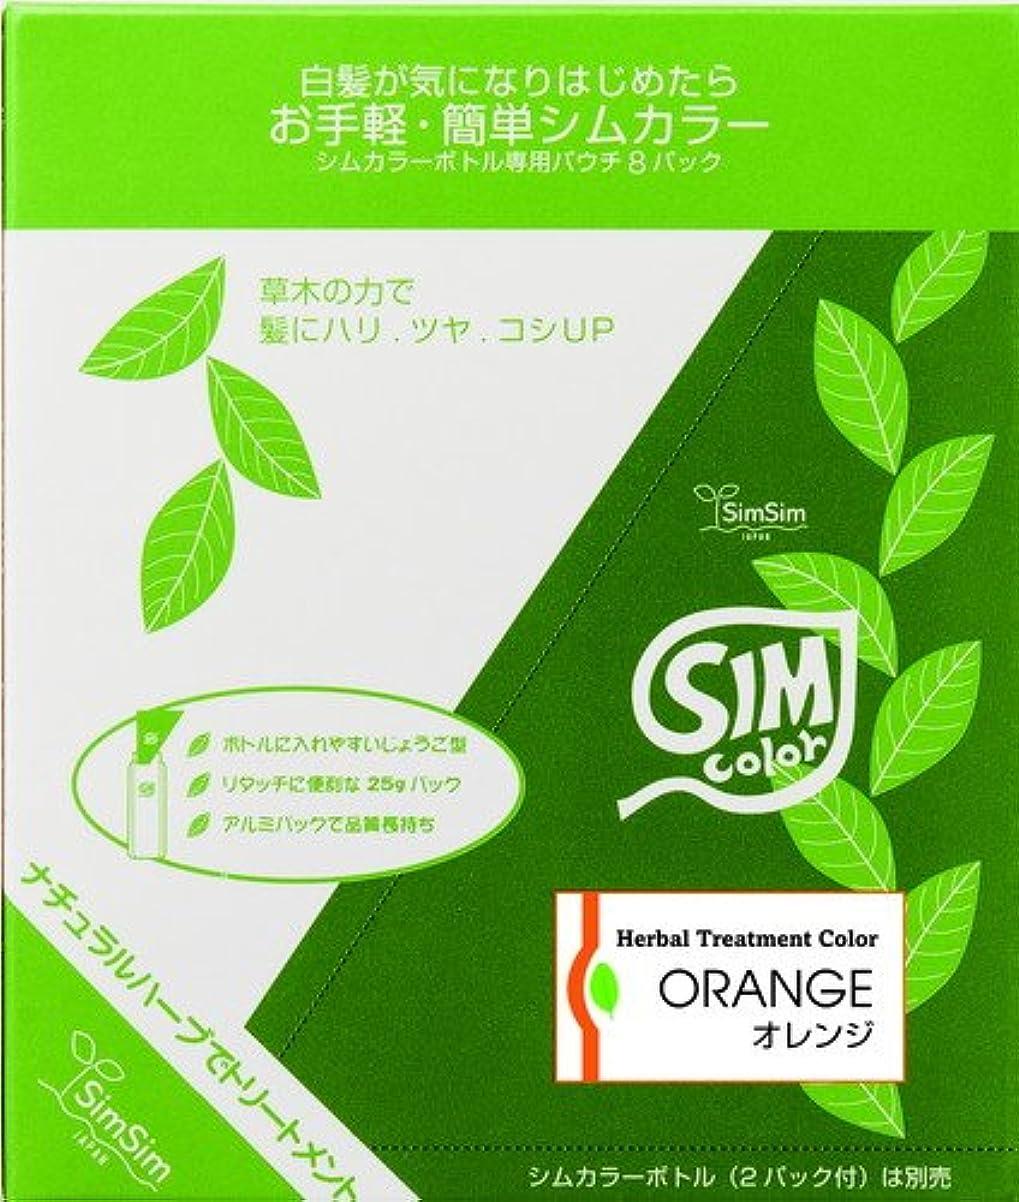 曇った降臨せっかちSimSim(シムシム)お手軽簡単シムカラーエクストラ(EX)25g 8袋 オレンジ